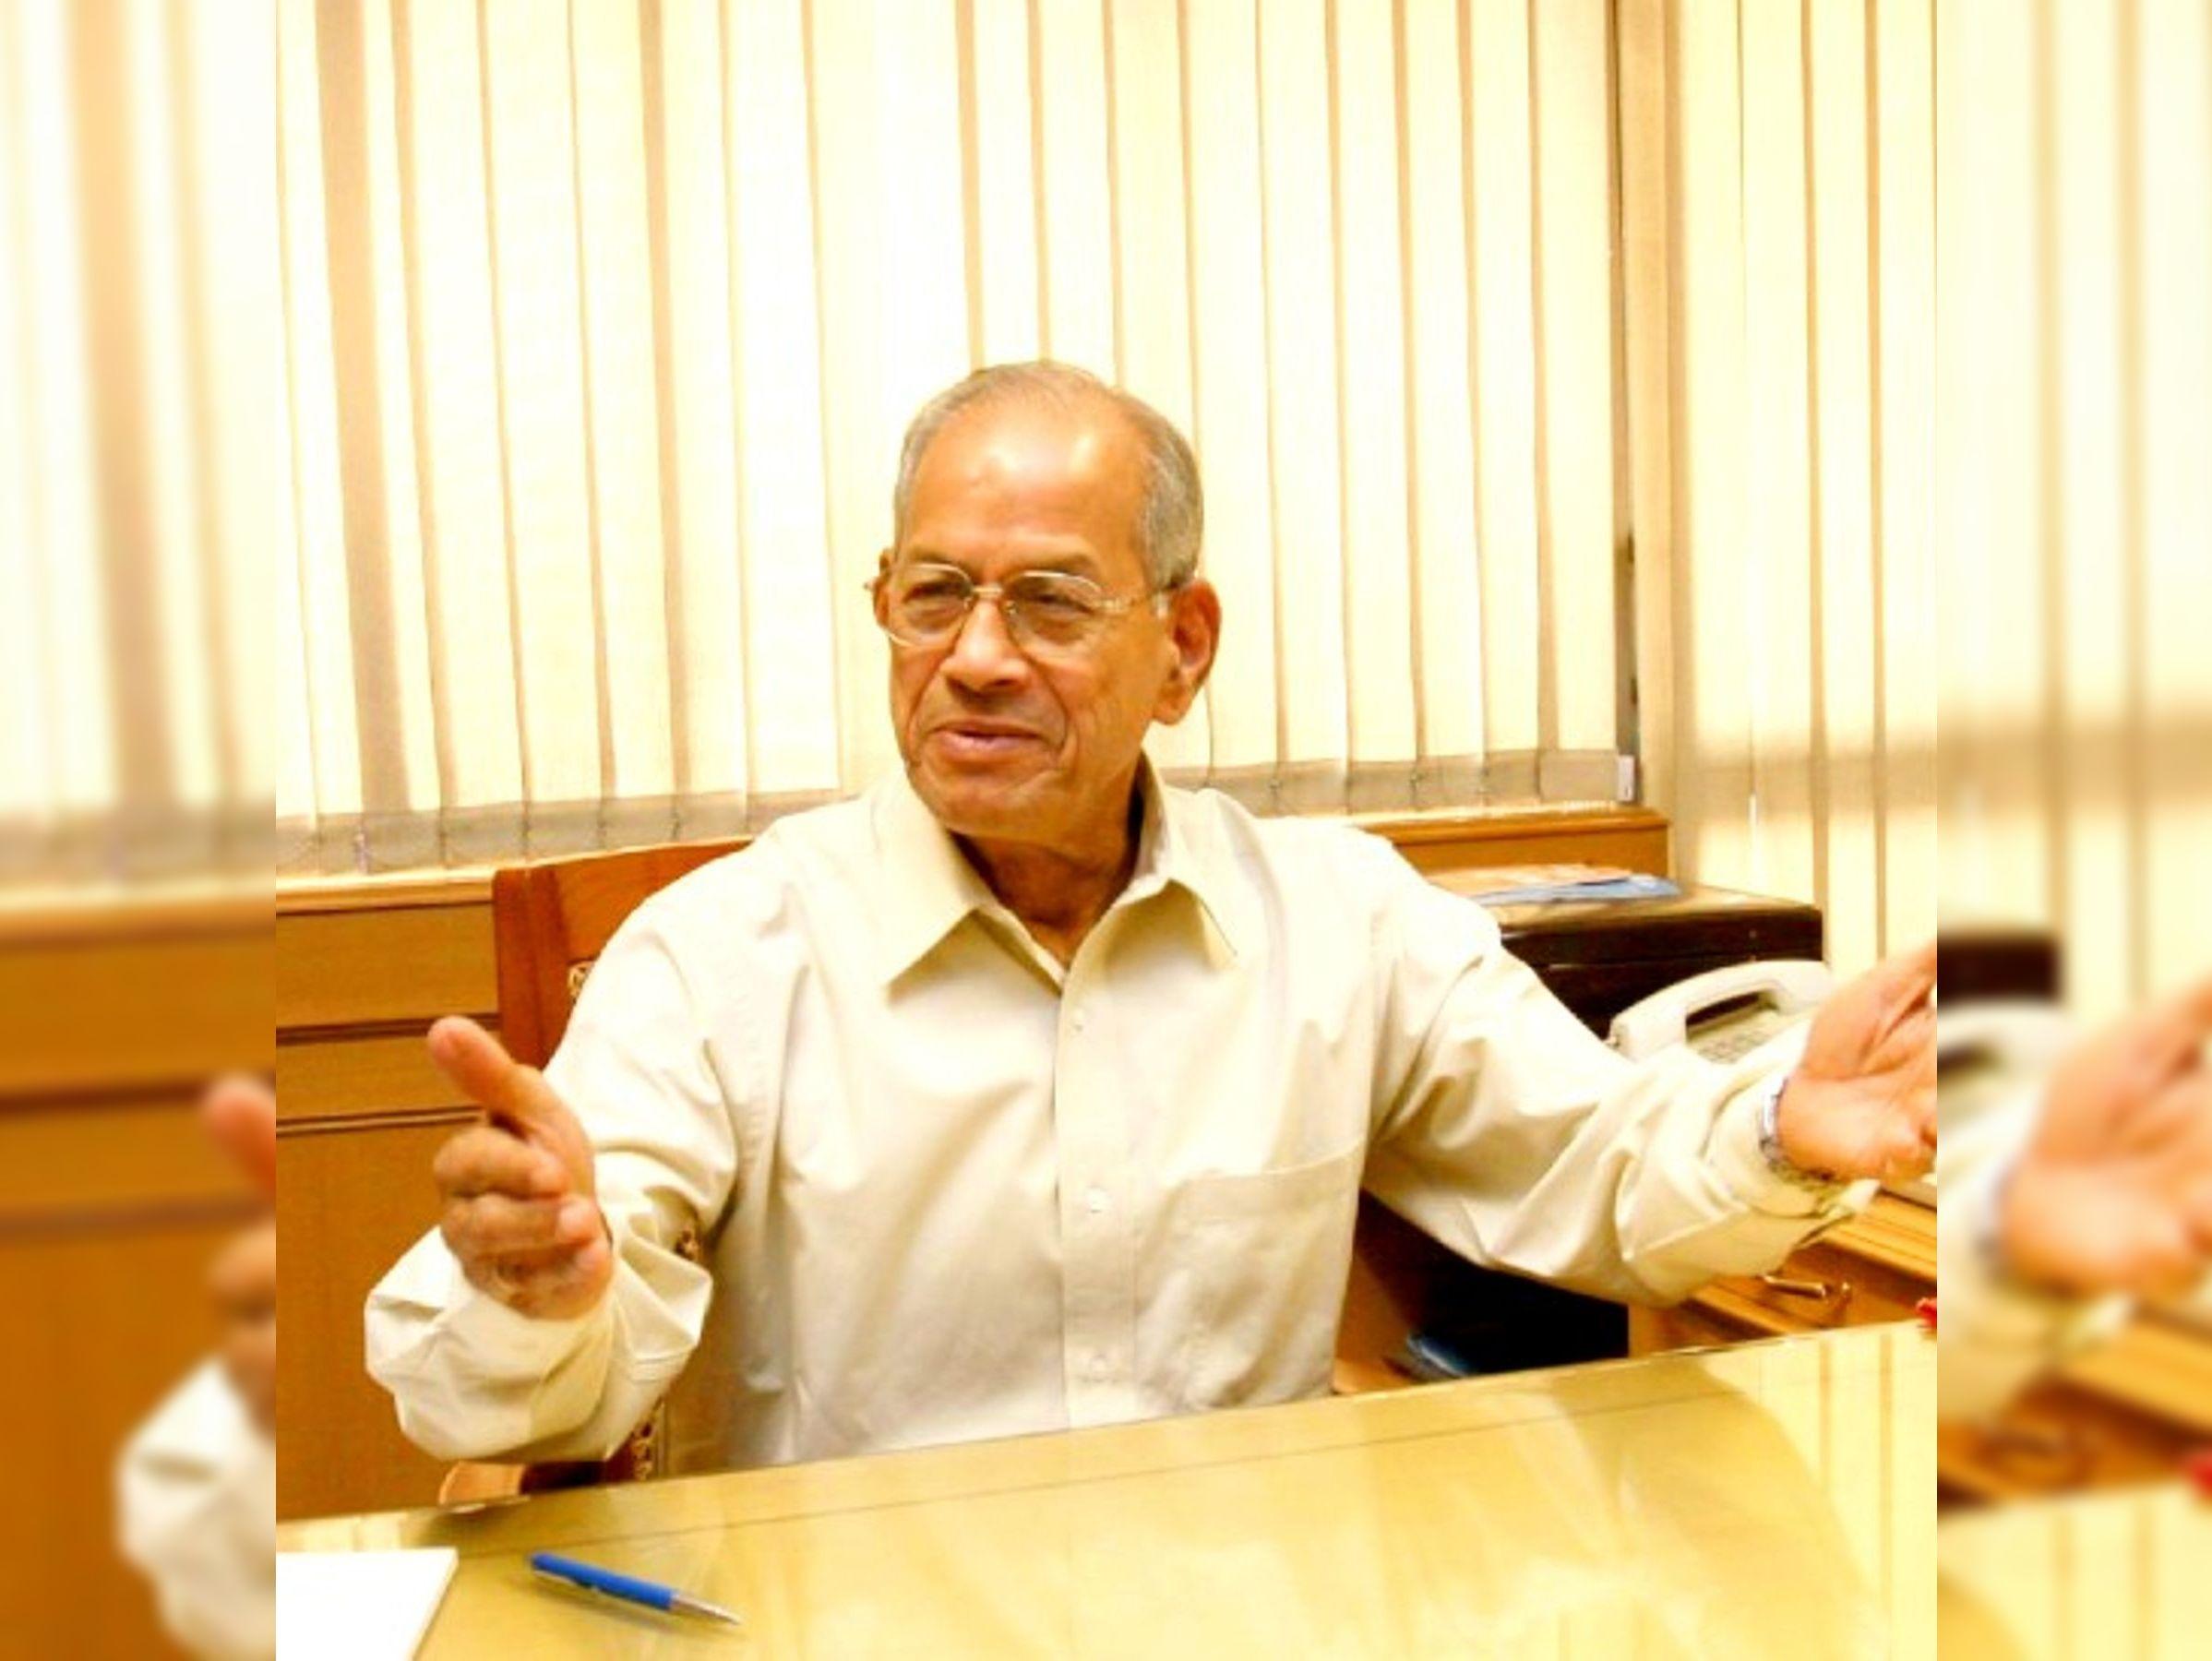 मेट्रोमैन श्रीधरन ने माना- भाजपा से सभी मुद्दाें पर सहमत नहीं हूं, कहा- केरल में भाजपा नहीं तो राज्य हाथ से निकल जाएगा|दिल्ली + एनसीआर,Delhi + NCR - Dainik Bhaskar